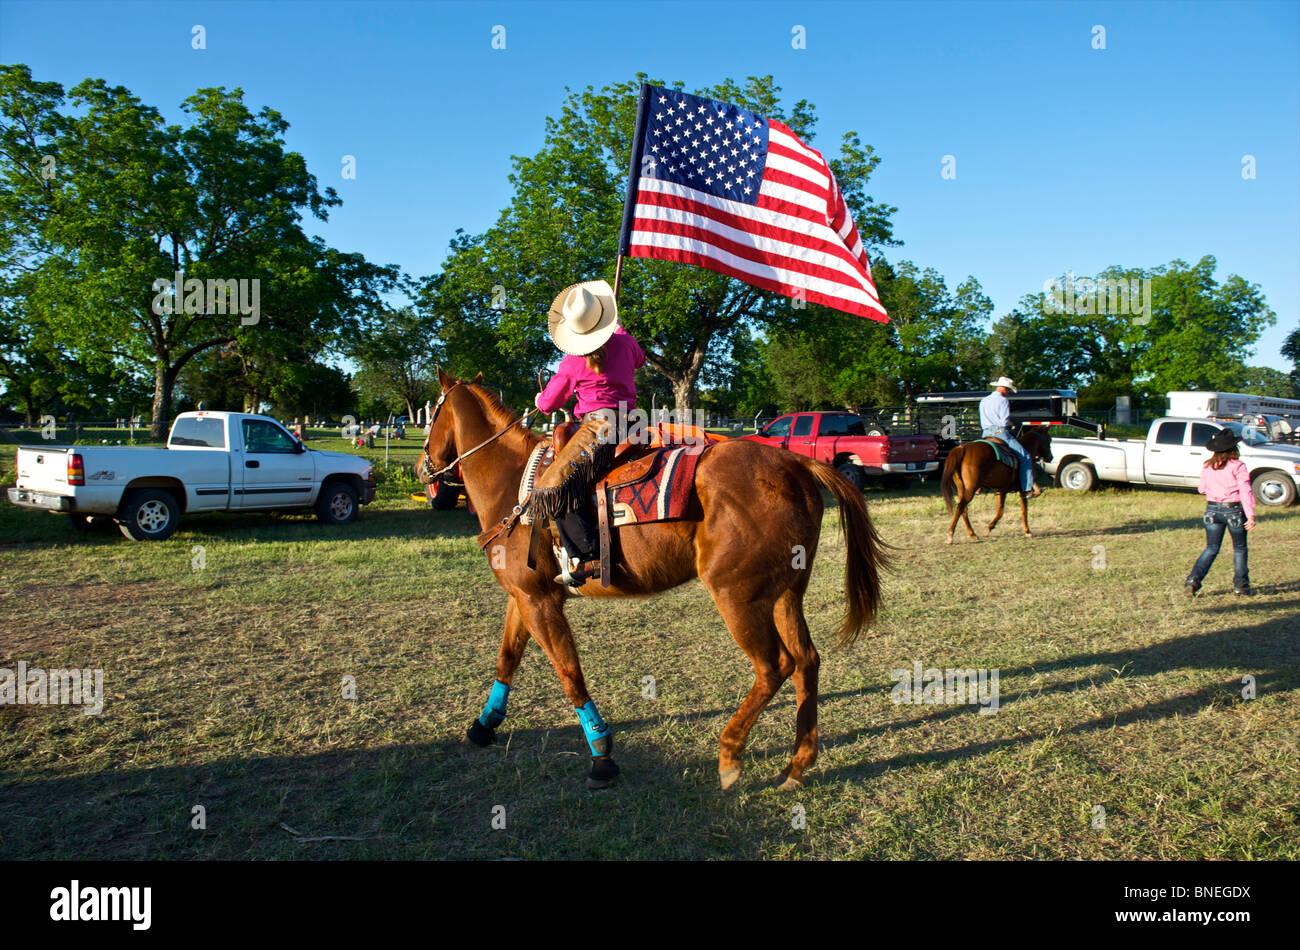 Cowgirl ondeando la bandera en la zona de depósito antes de la ceremonia de apertura del evento PRCA Rodeo en Texas, EE.UU. Foto de stock